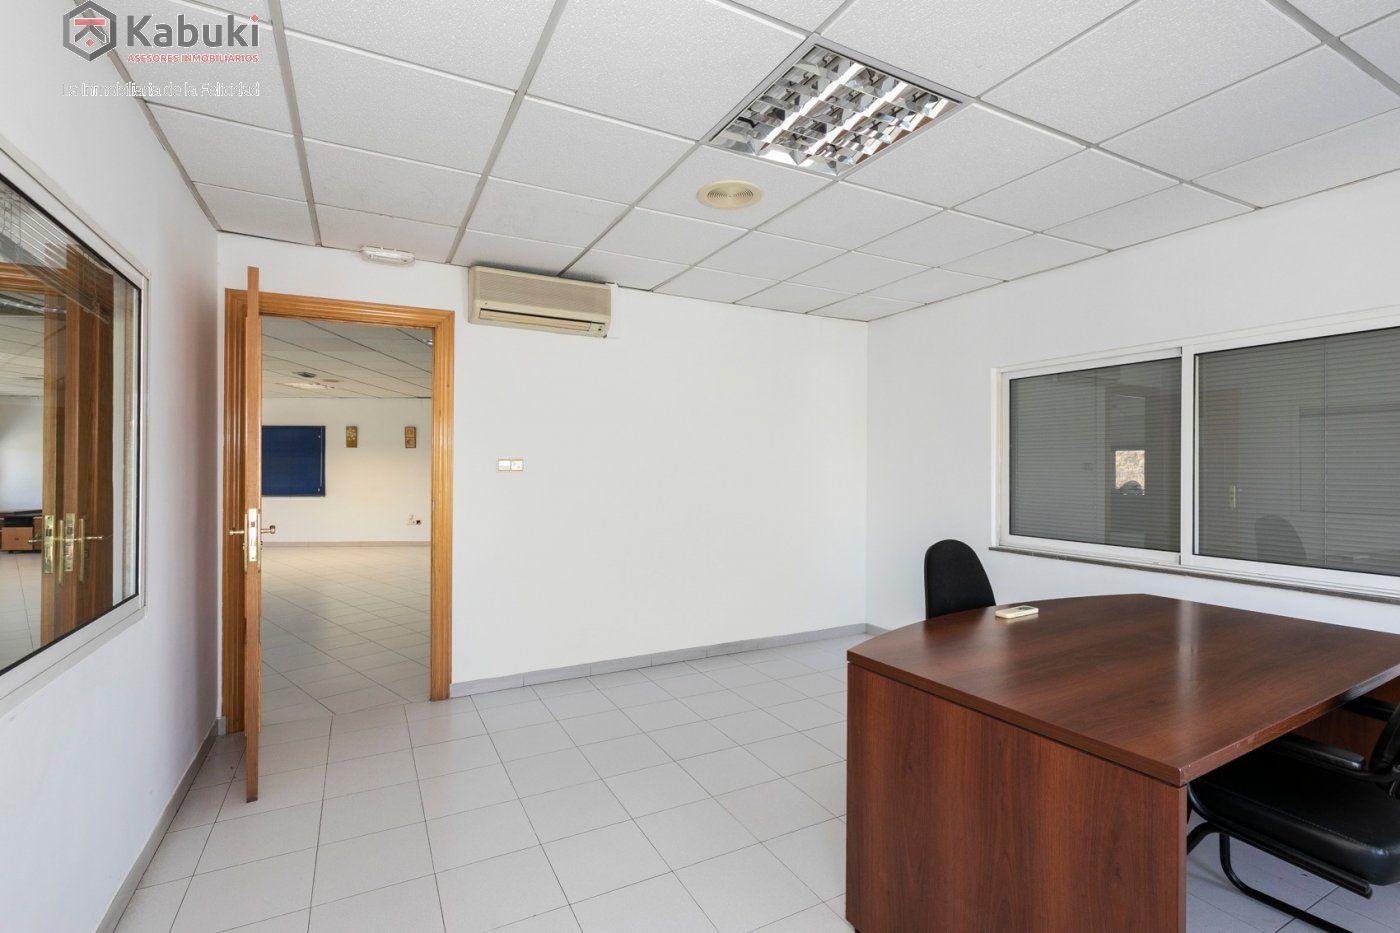 Magnífica oficina luminosa con un inmejorable acceso desde la circunvalación - imagenInmueble10